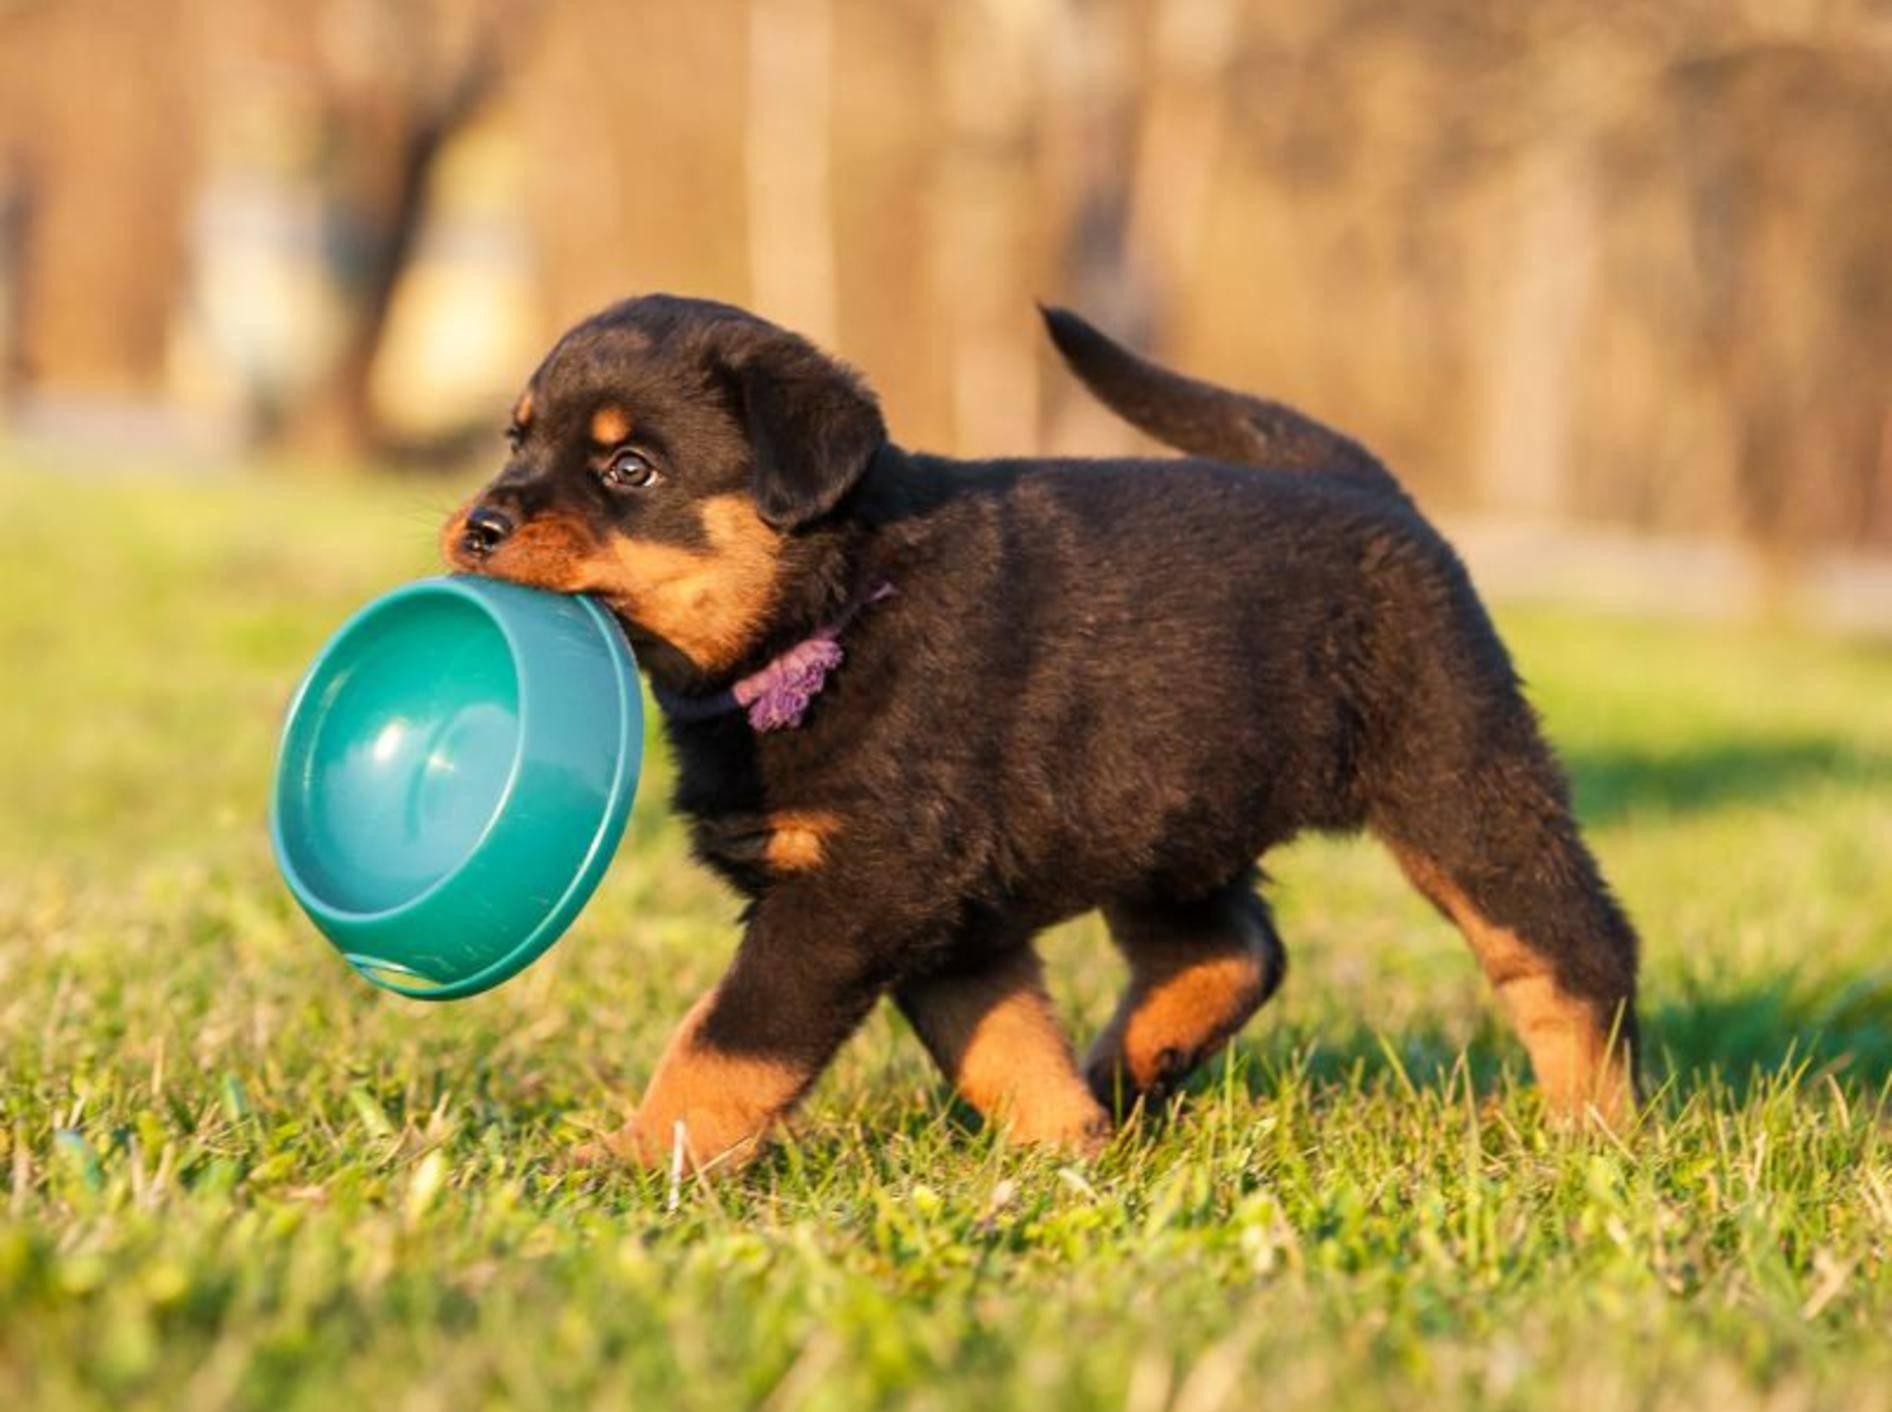 Tricks und Grundkommandos: Ein kleiner Rottweiler muss einiges lernen – Bild: Shutterstock / Rita Kochmarjova